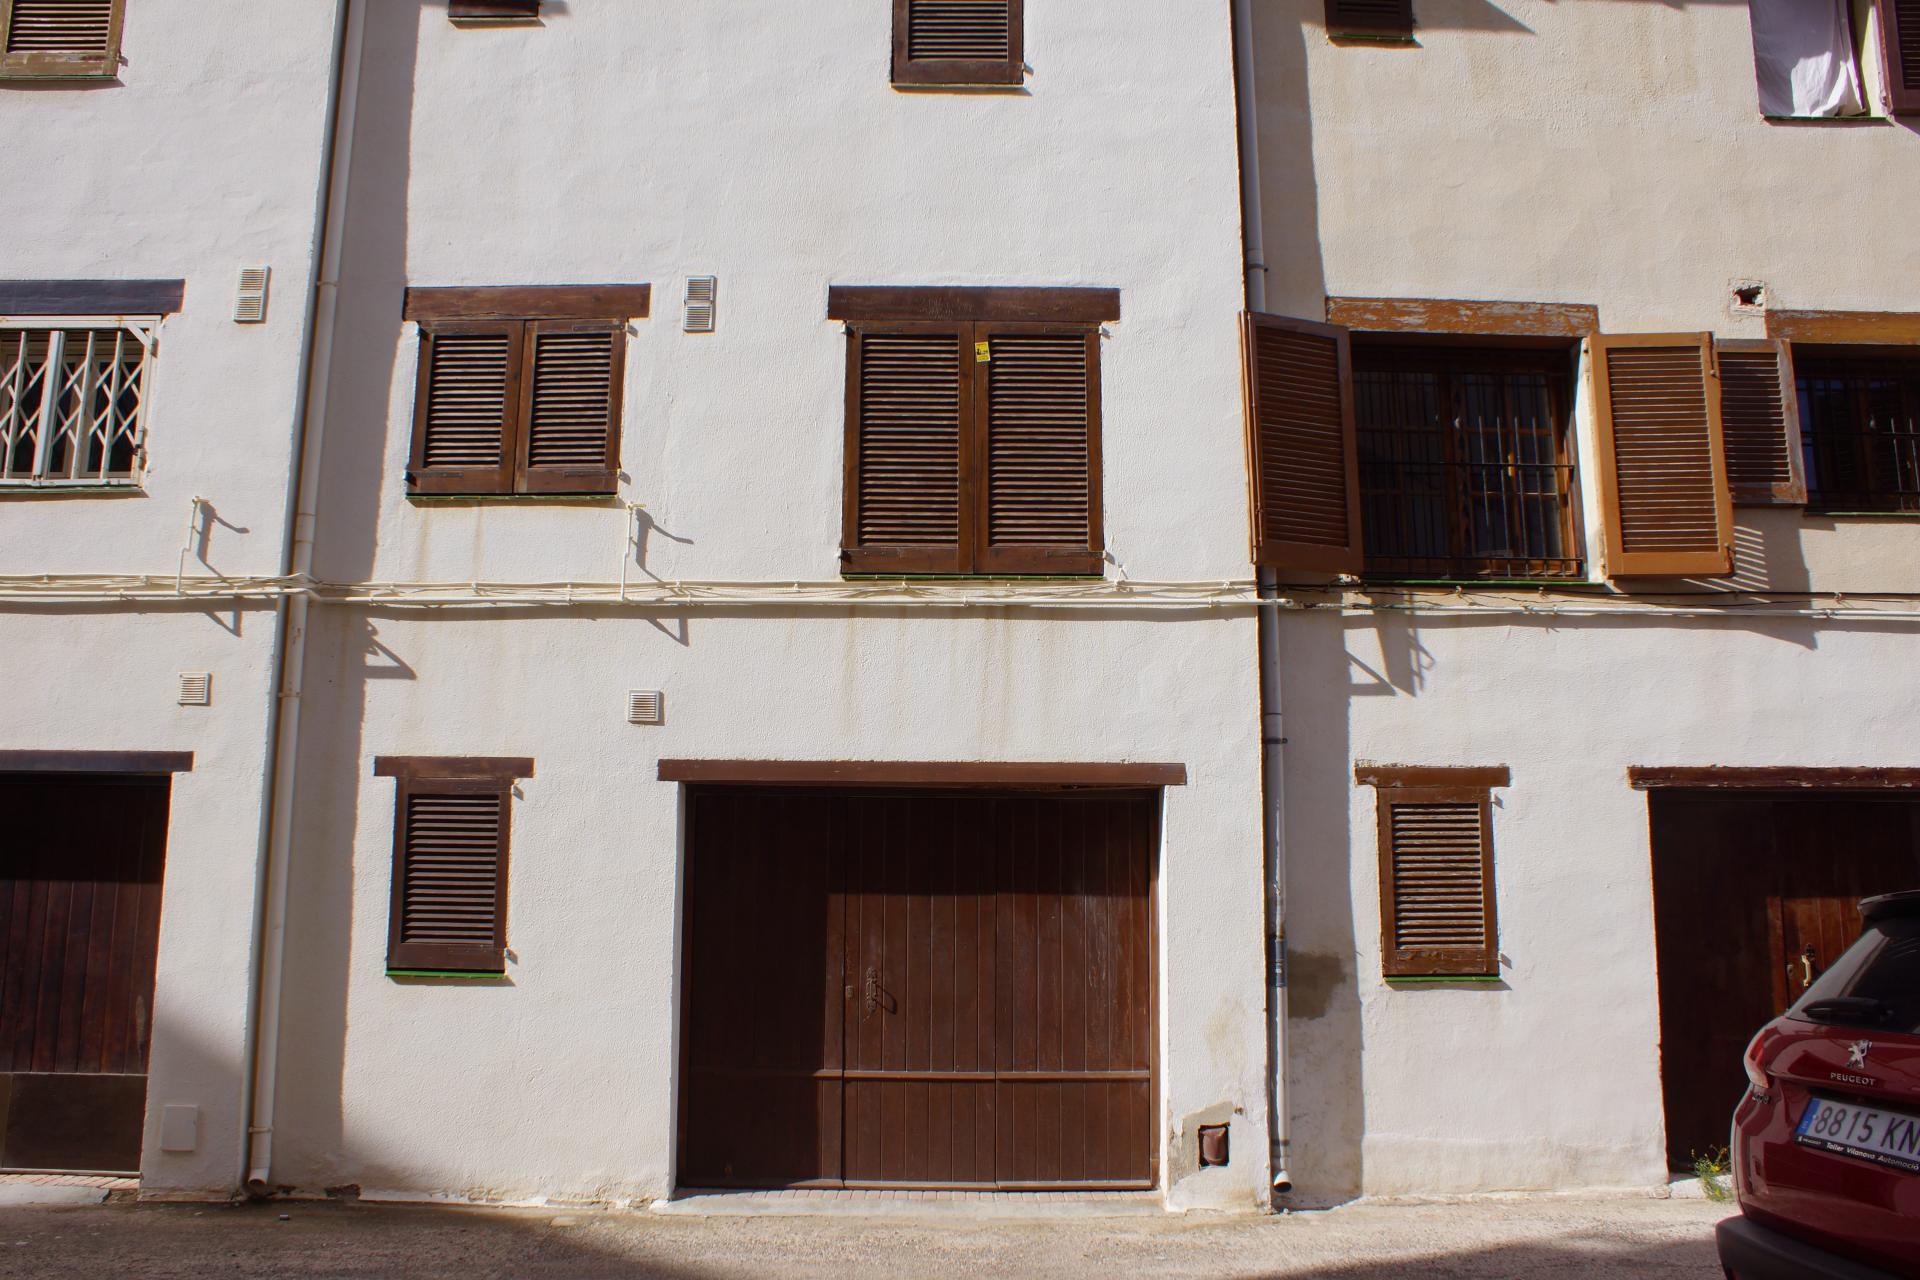 Foto 48 (V-716-2020) - Unifamiliar adosada en Venda a Cunit Diagonal, Avenida DE LA FONT, Cunit